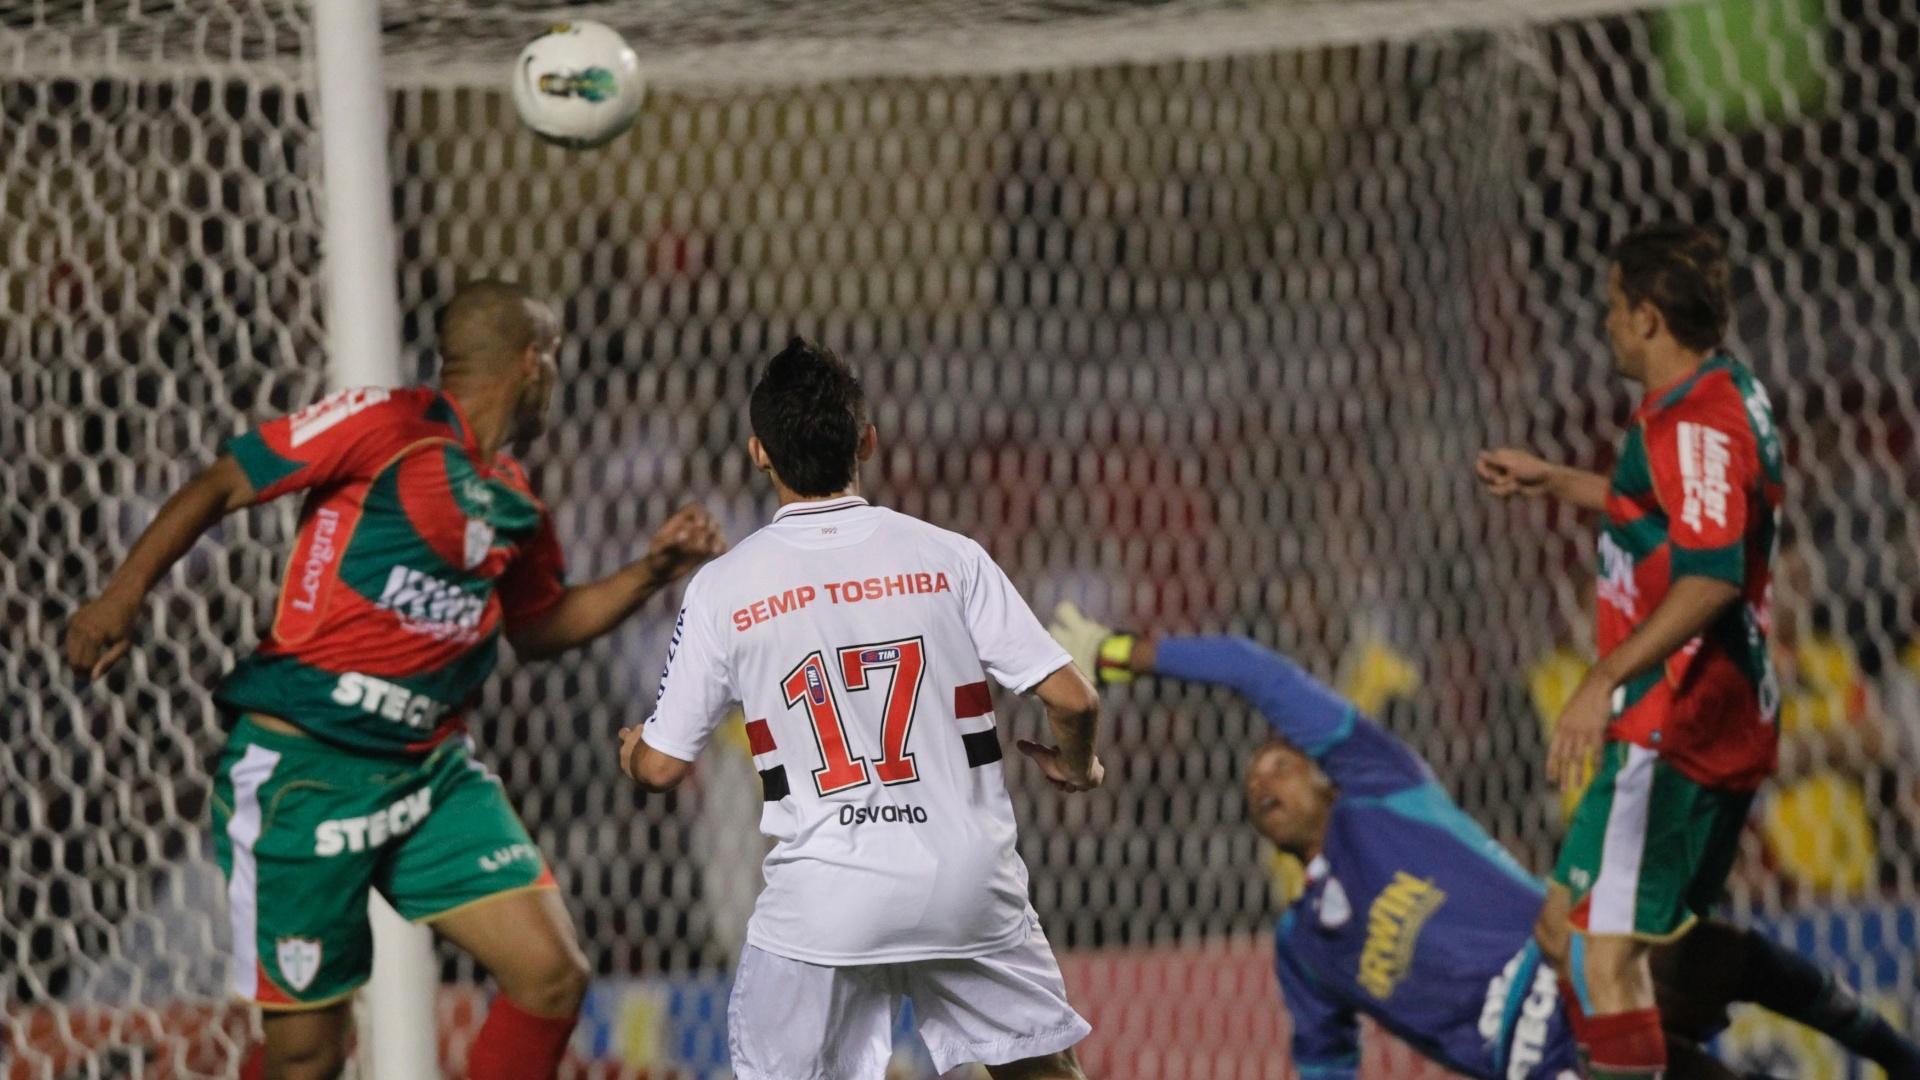 Atacante Osvaldo observa seu chute entrar no gol de Dida no primeiro gol do São Paulo na partida contra a Portuguesa no Morumbi